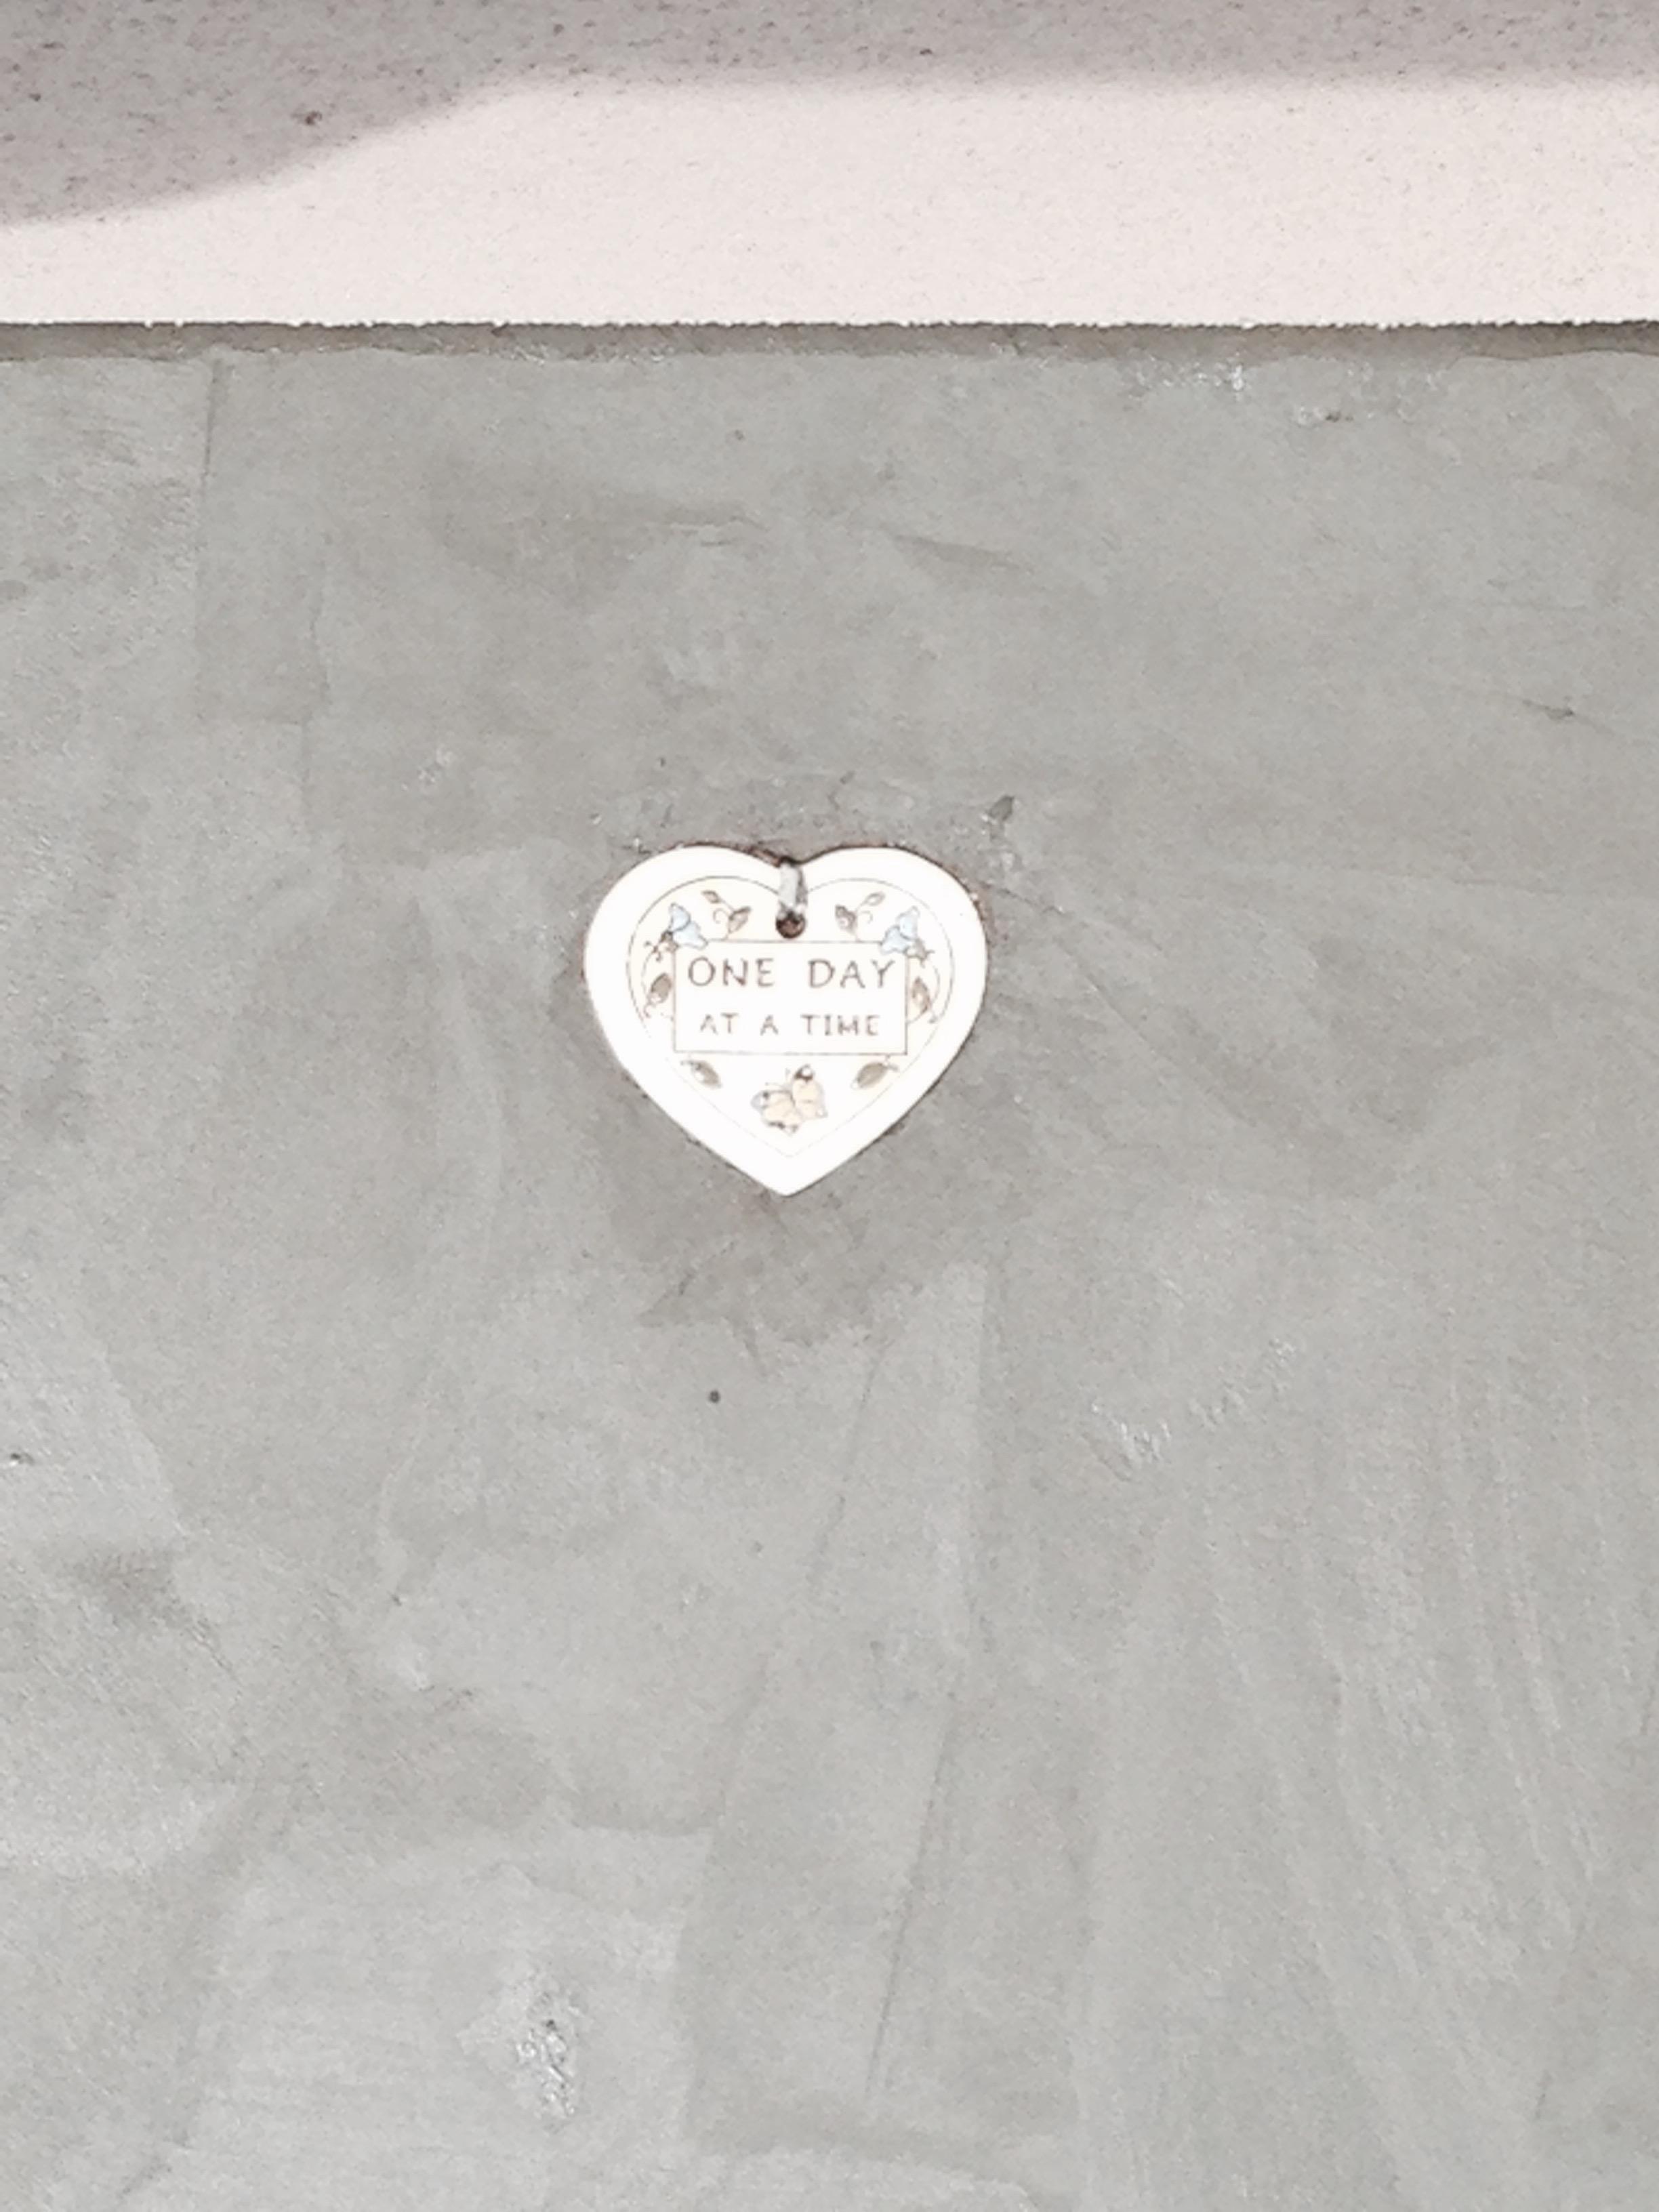 05.09.14 Concrete pour_heart.jpg